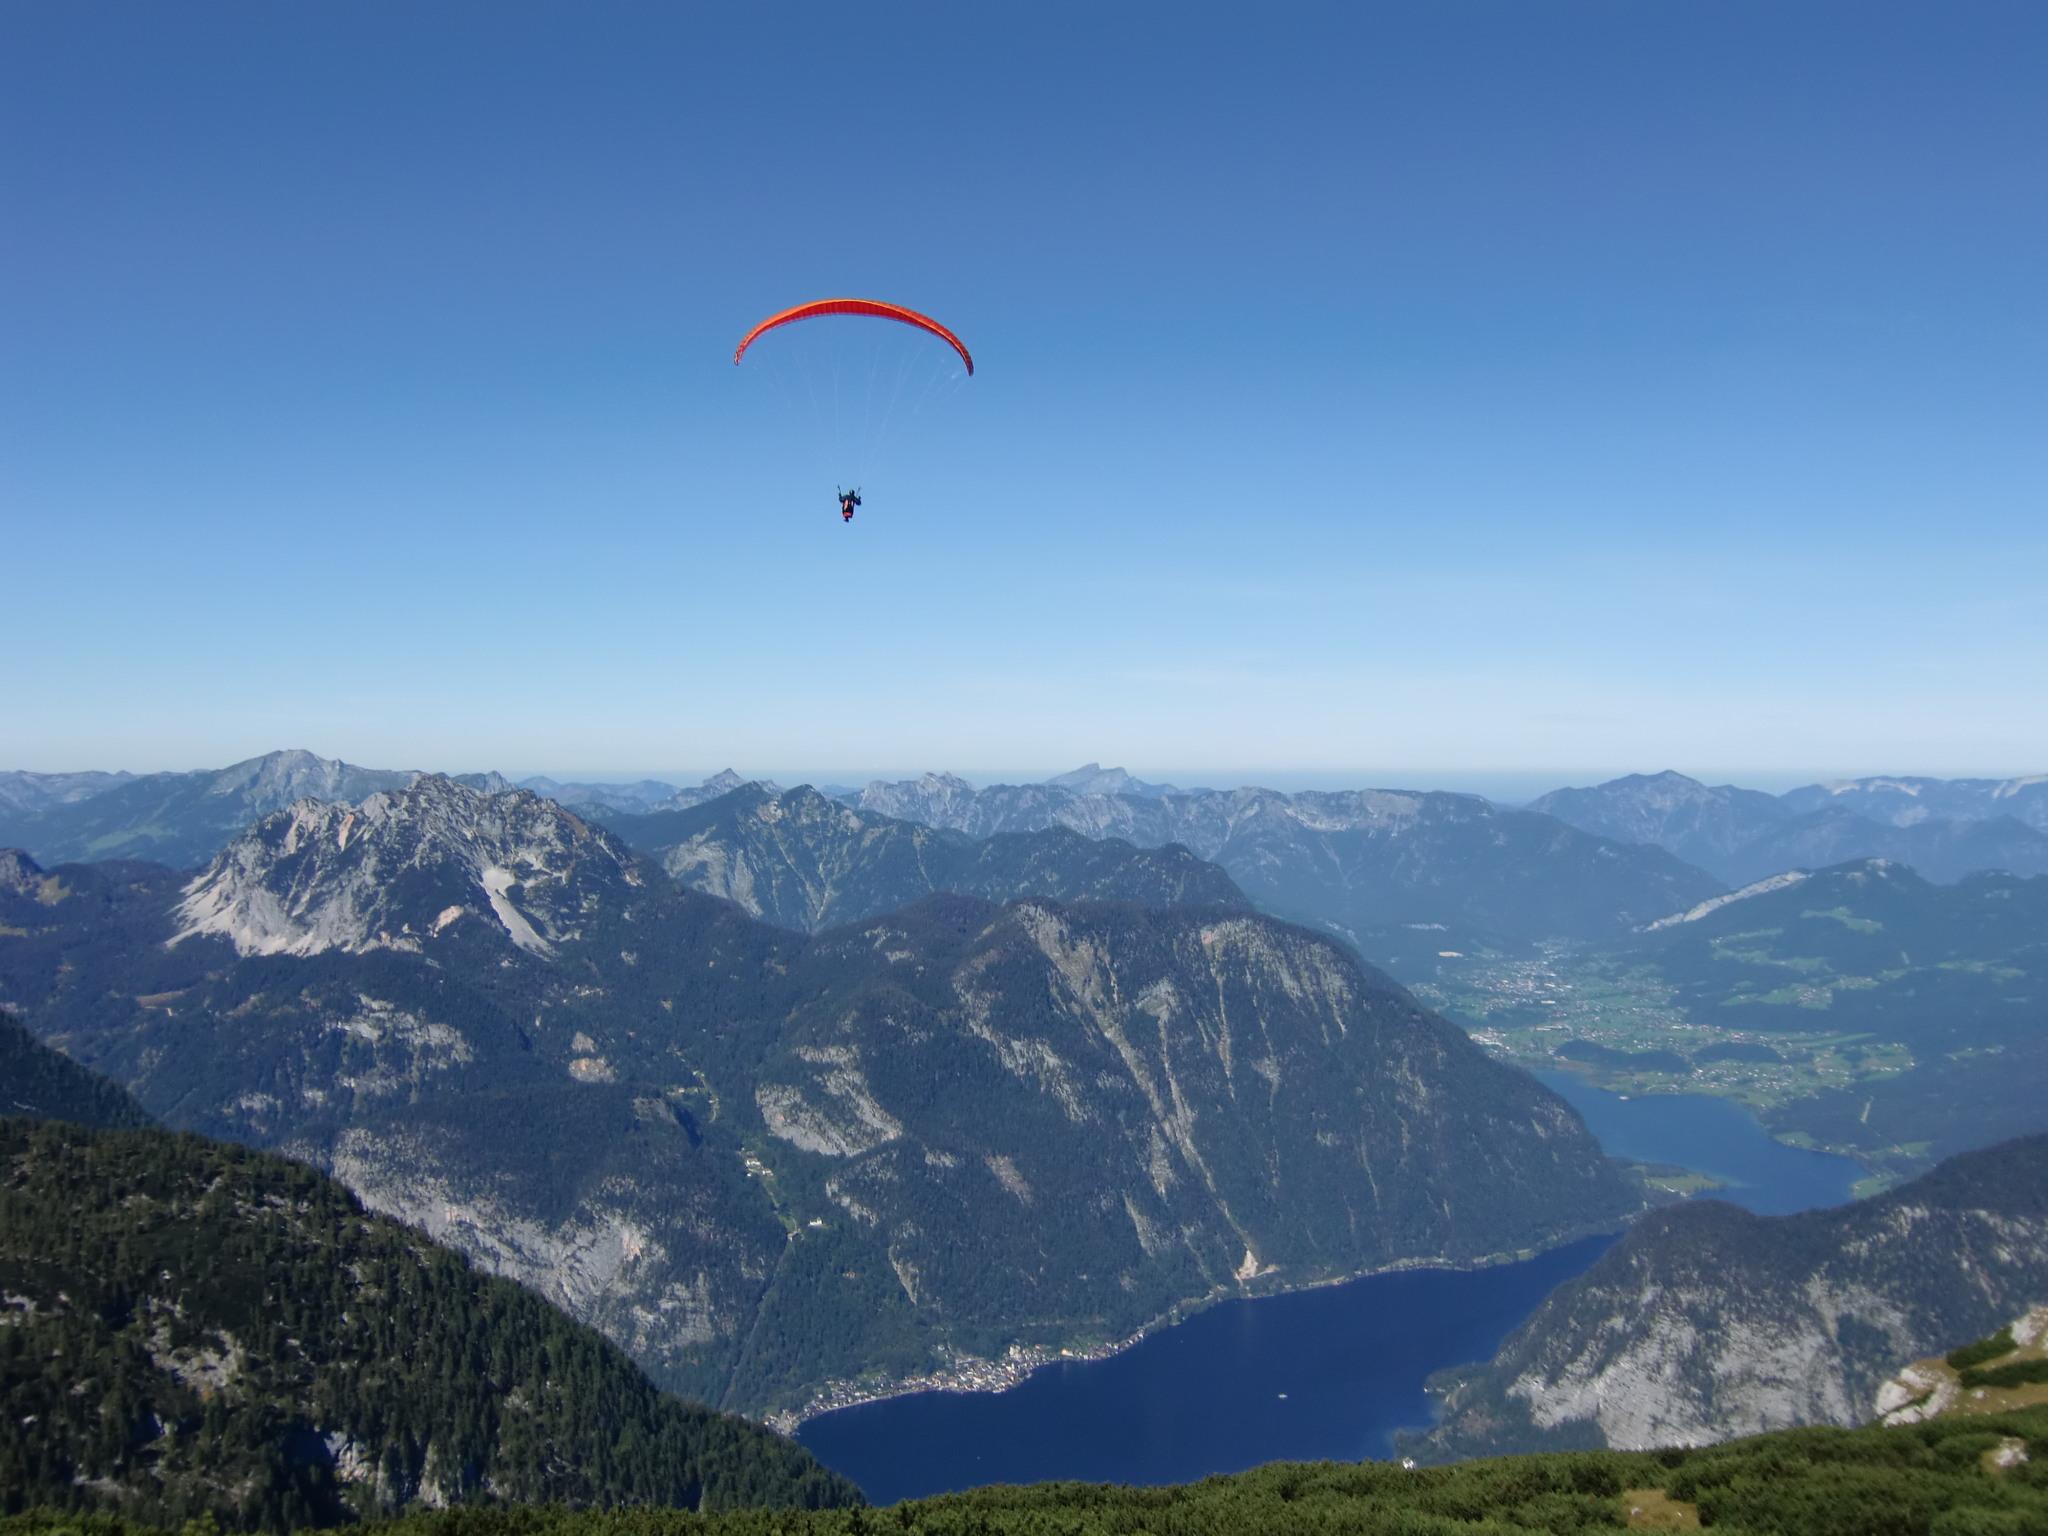 Landhaus Osborne - Paragliding